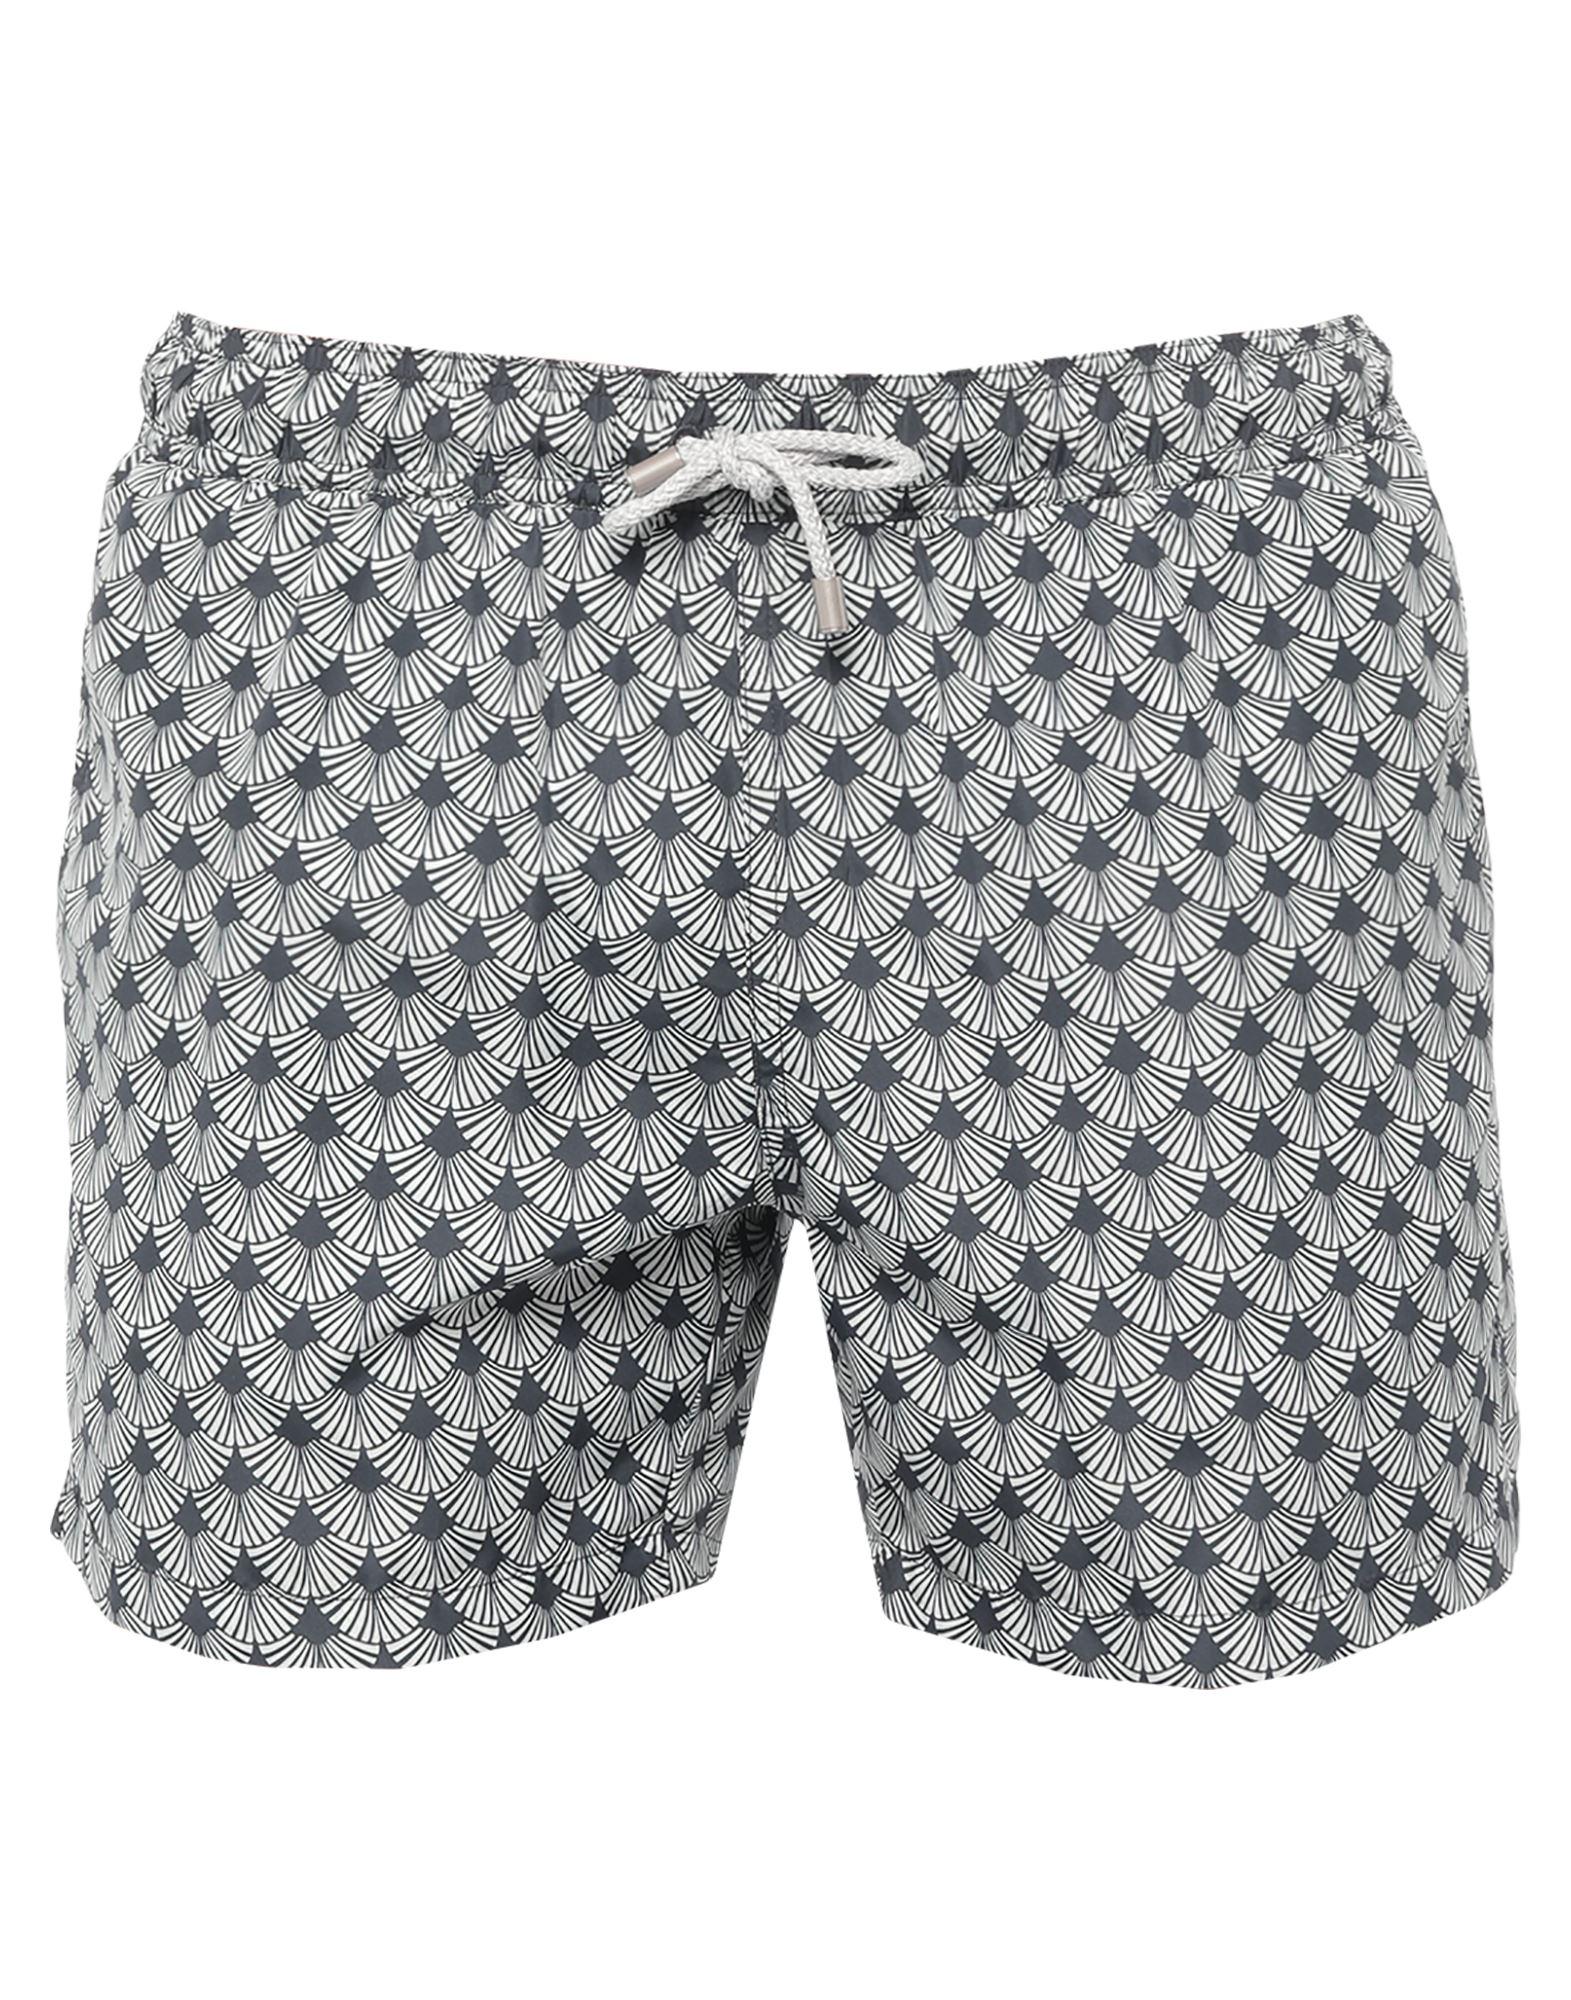 BLUEMINT Swim trunks - Item 47281841